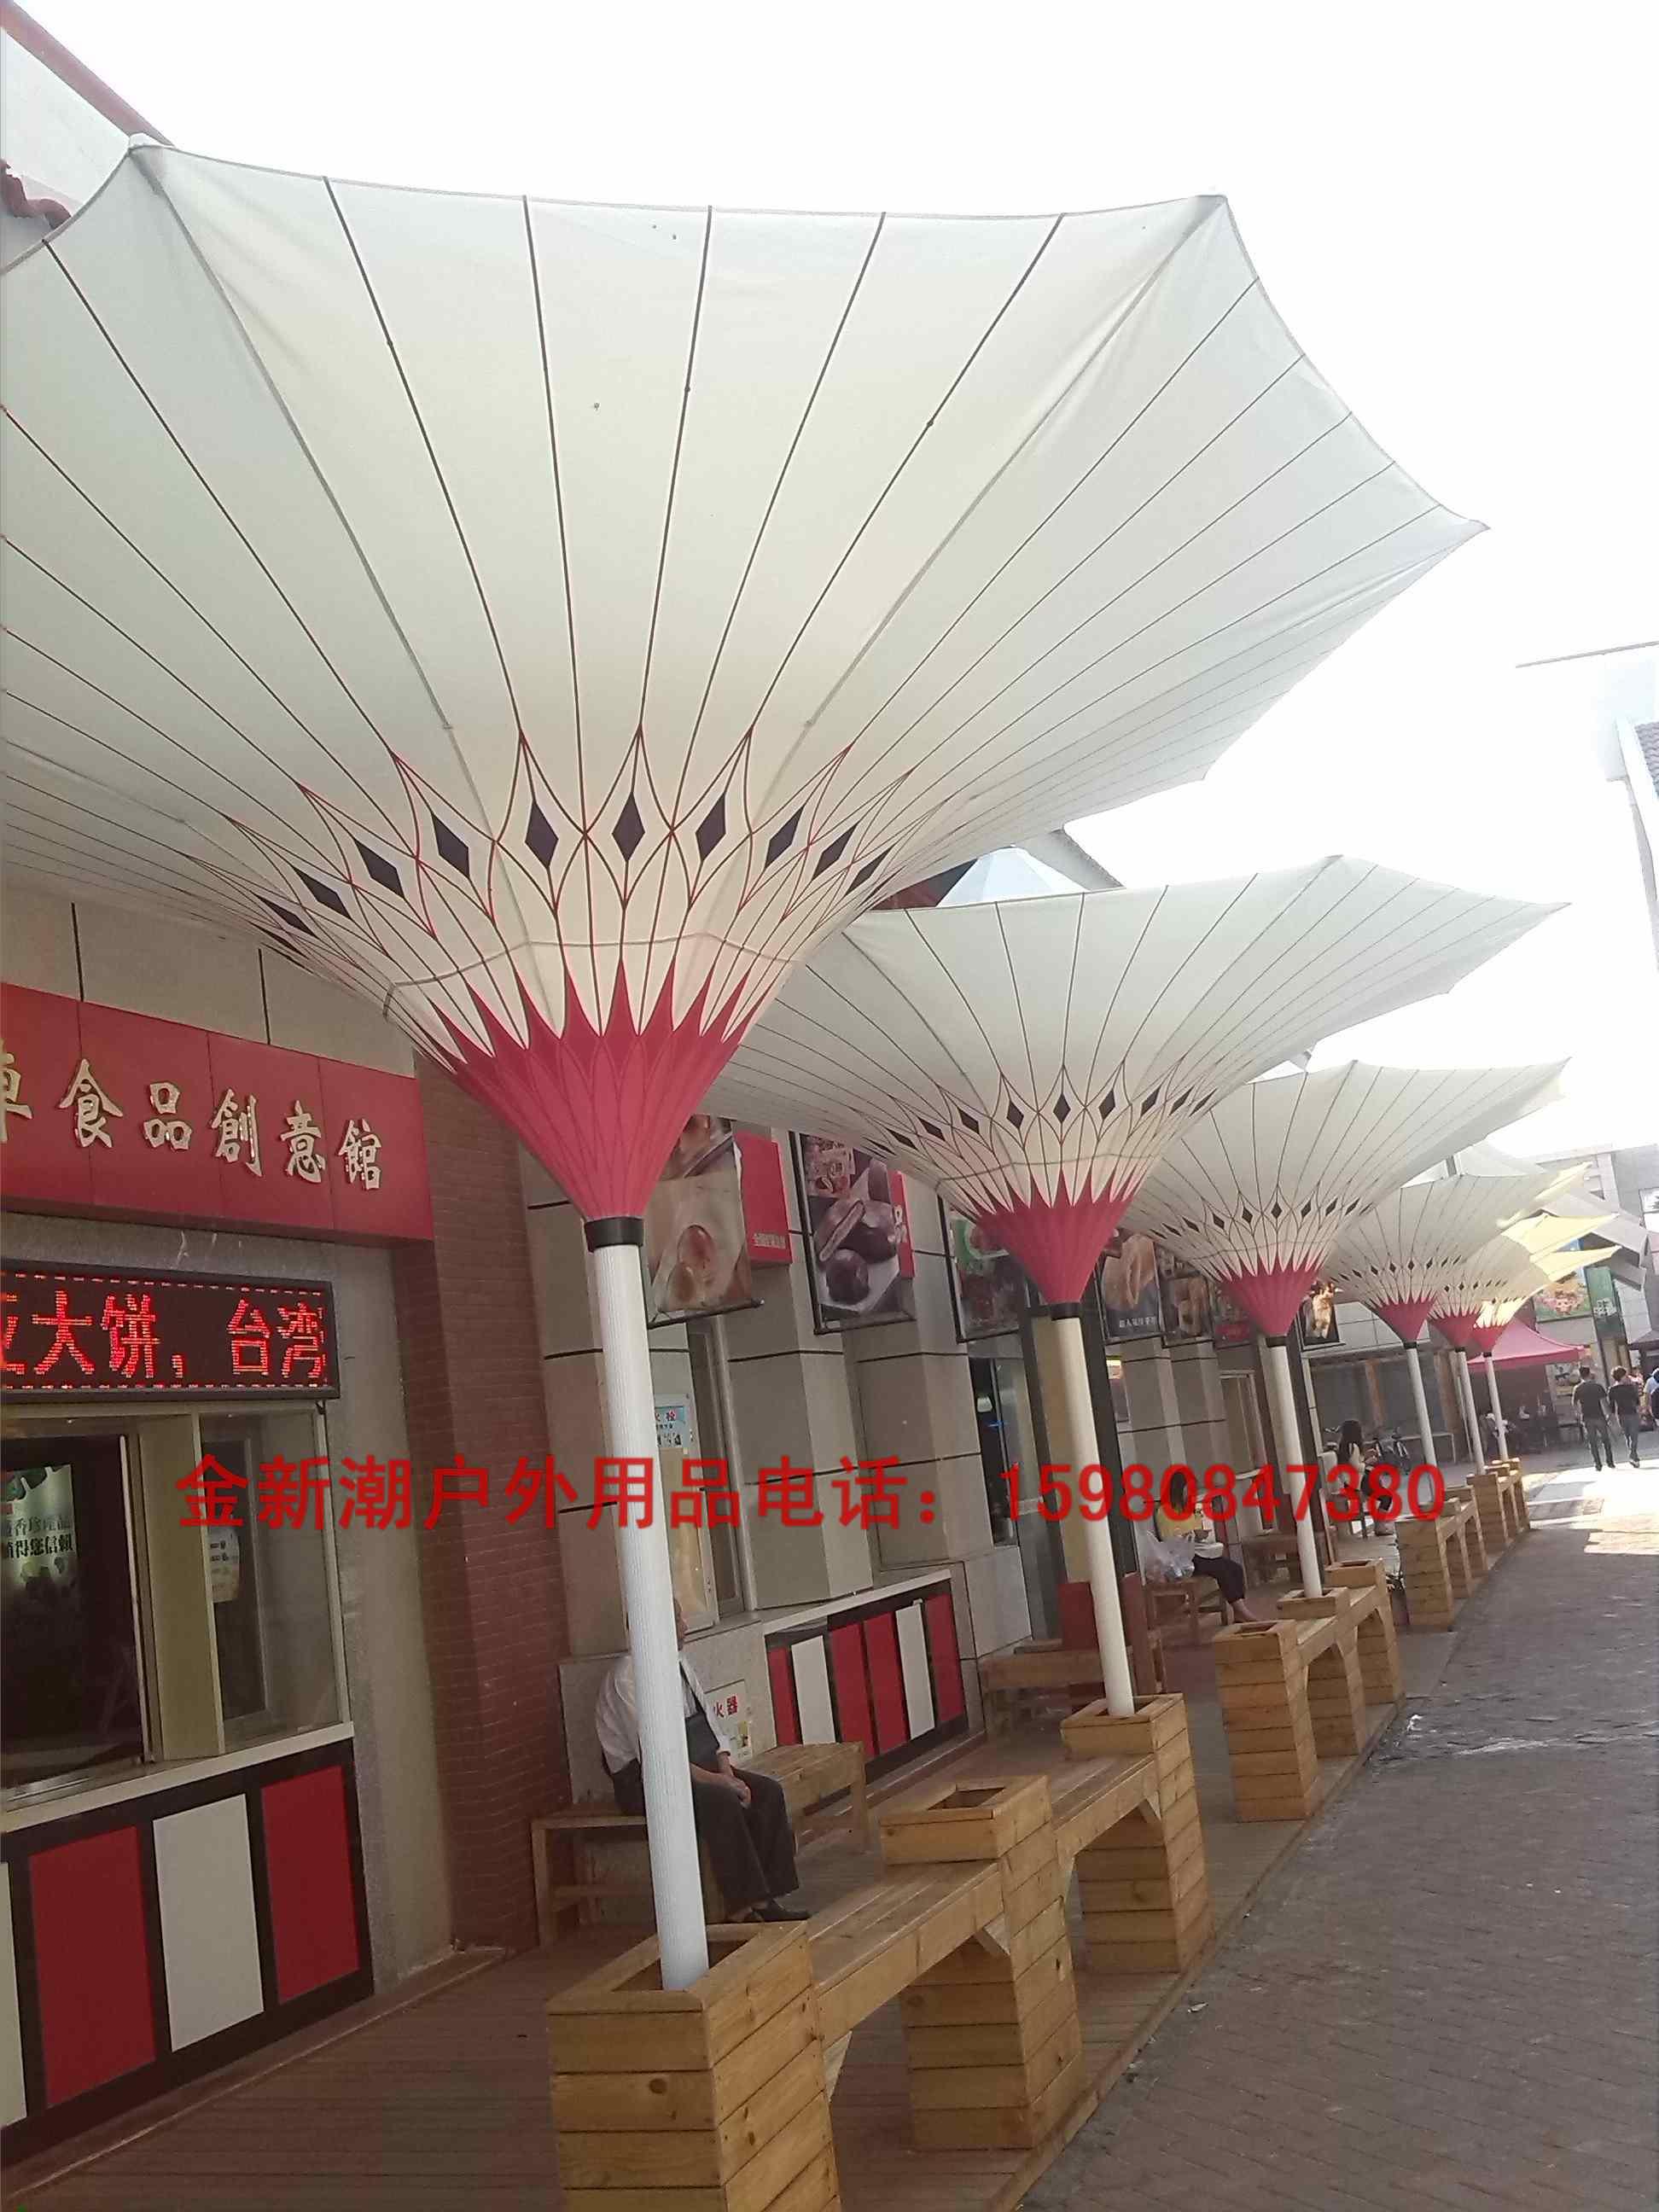 质量好的遮阳伞在哪买|上等厦门遮阳伞厂家直销